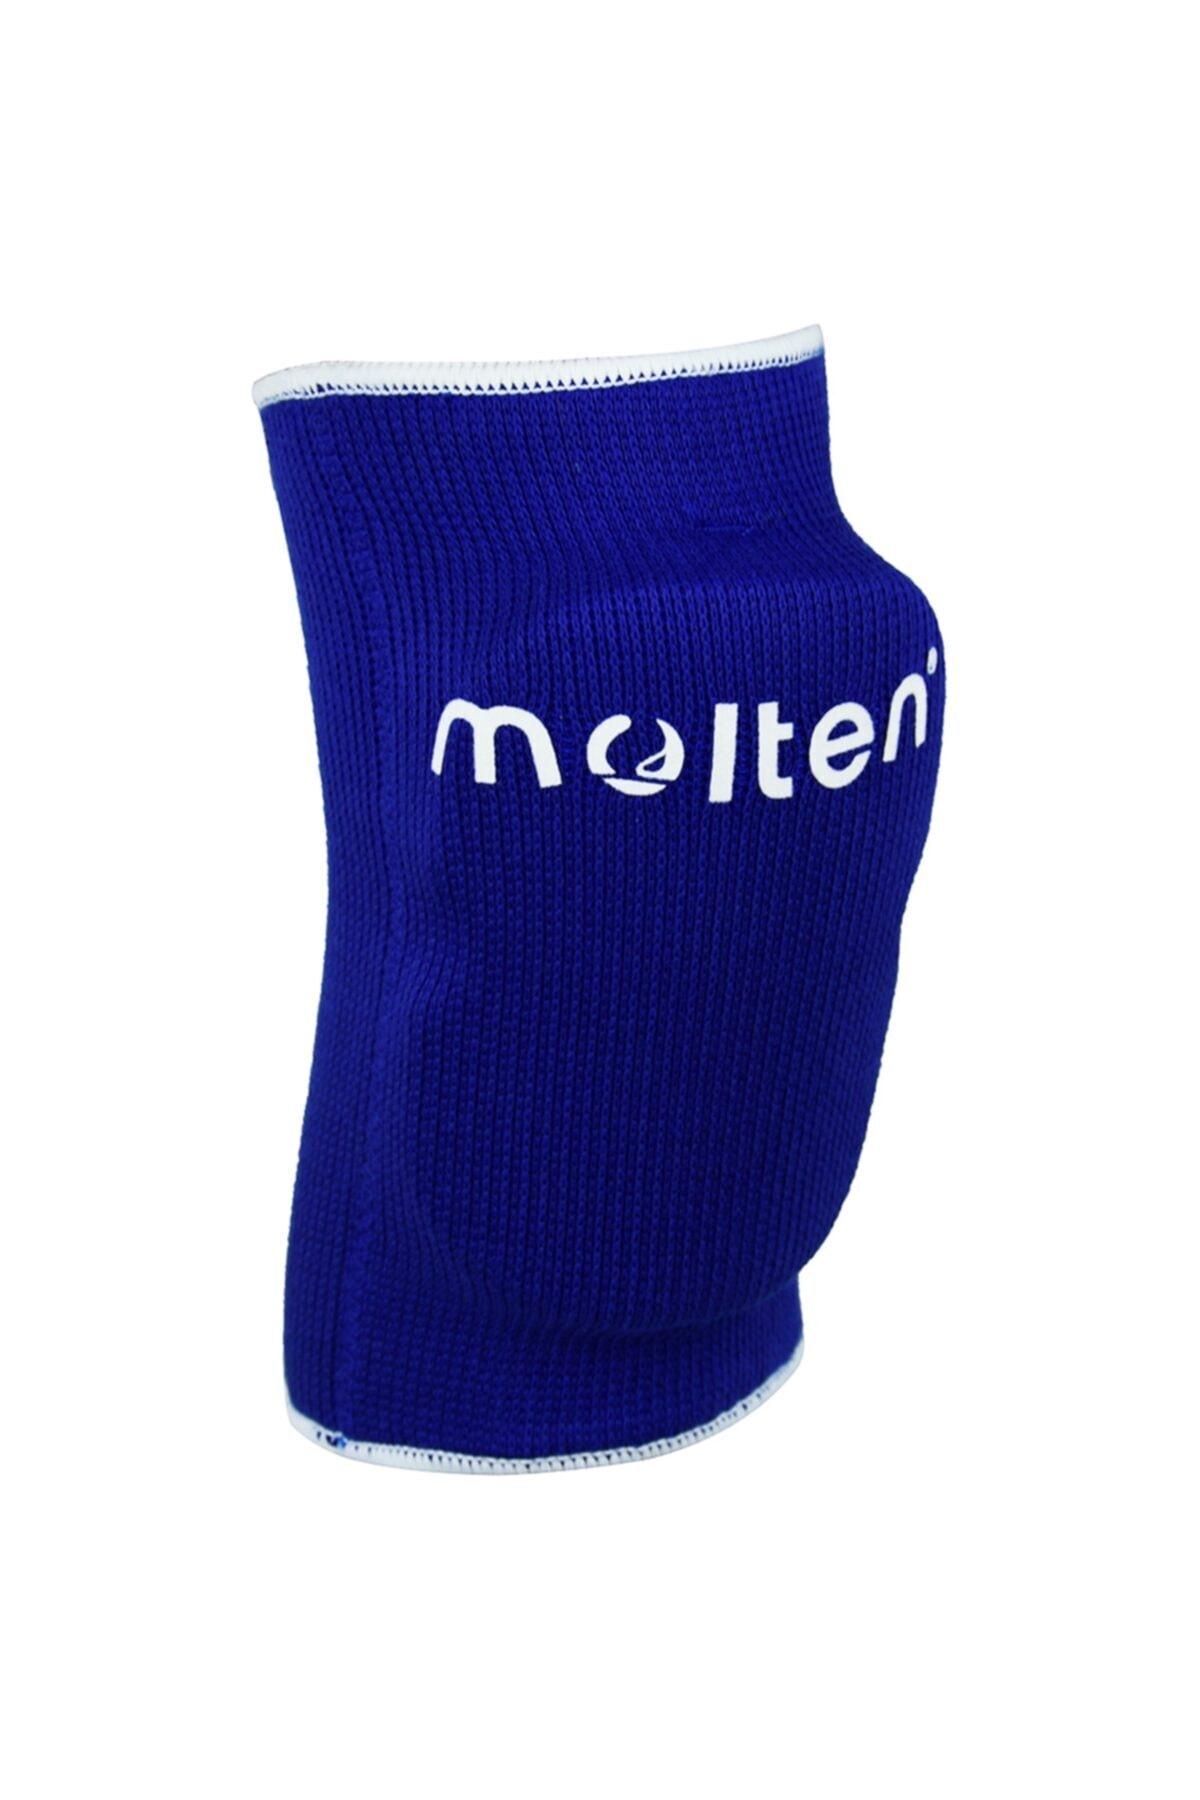 MOLTEN Mavi Voleybol Dizliği - Molnp-01-bl 1